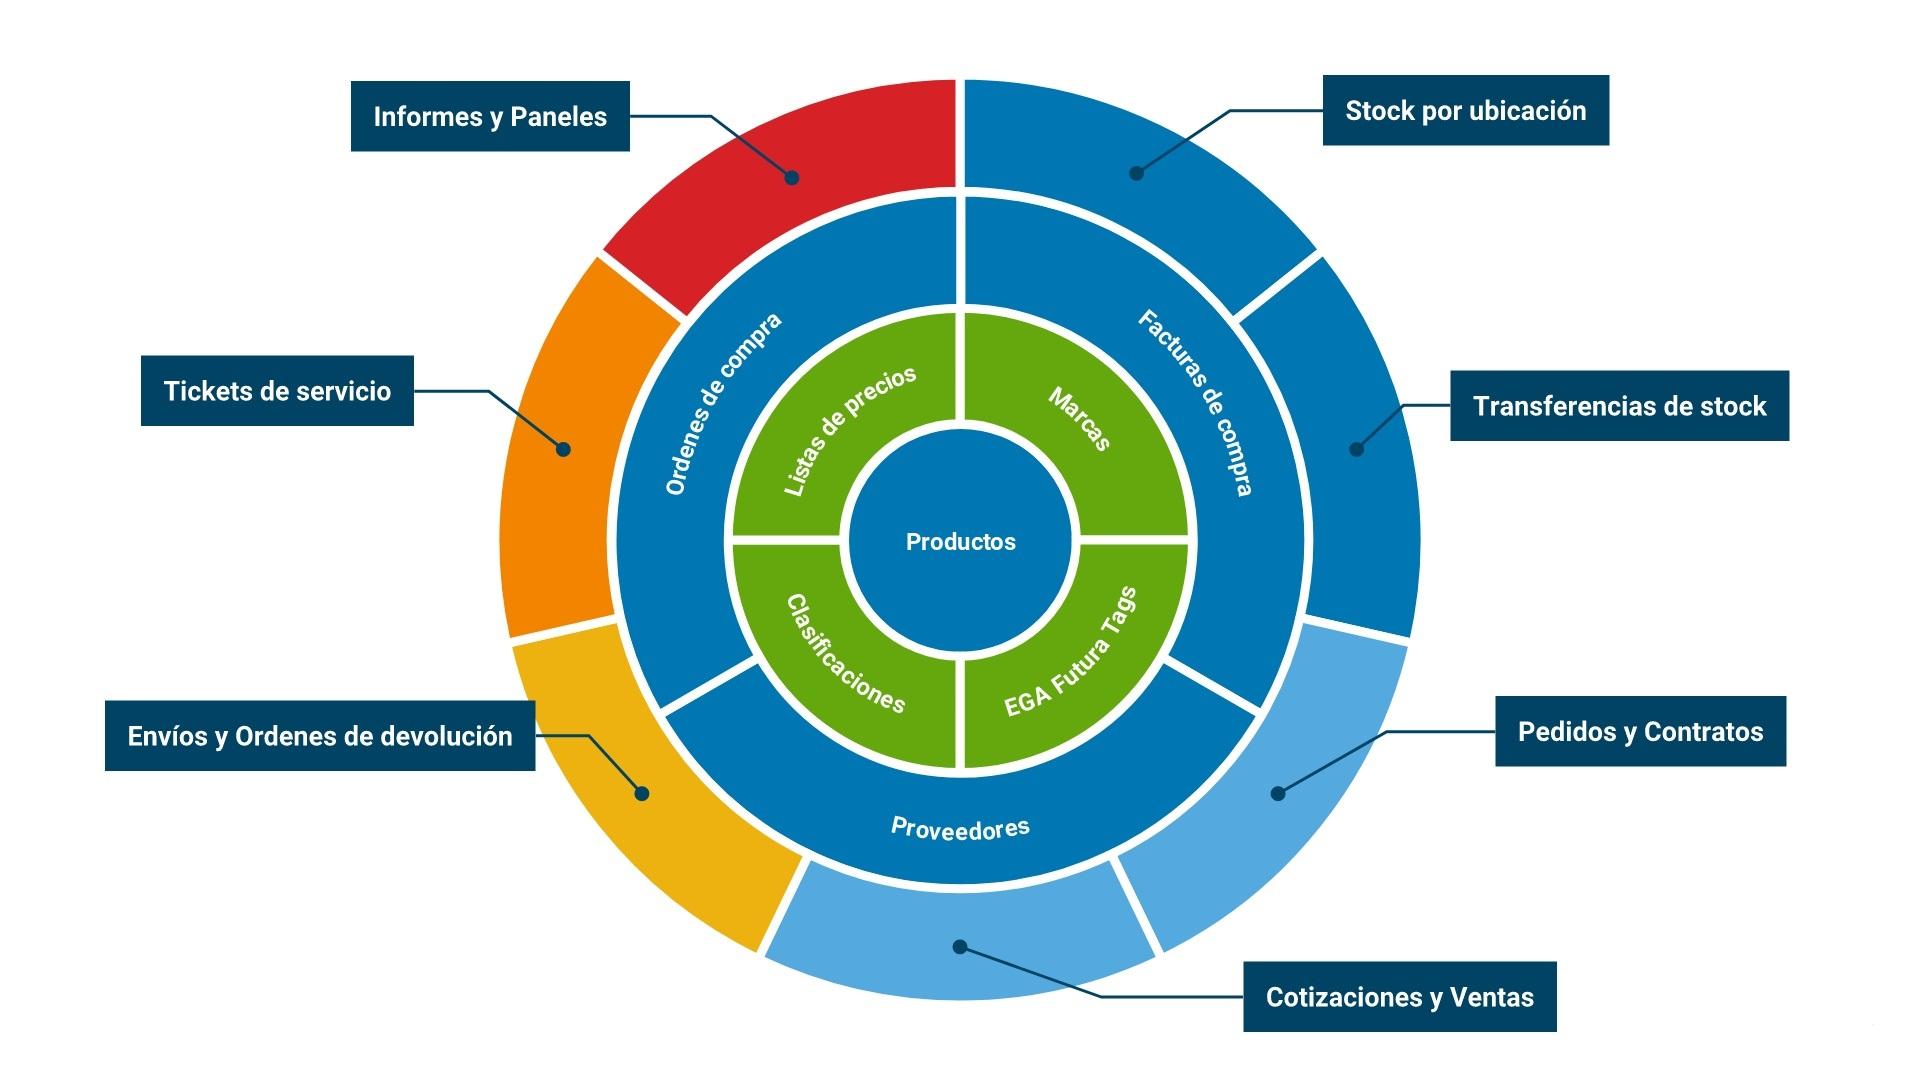 Relaciones de un Producto dentro de EGAFutura